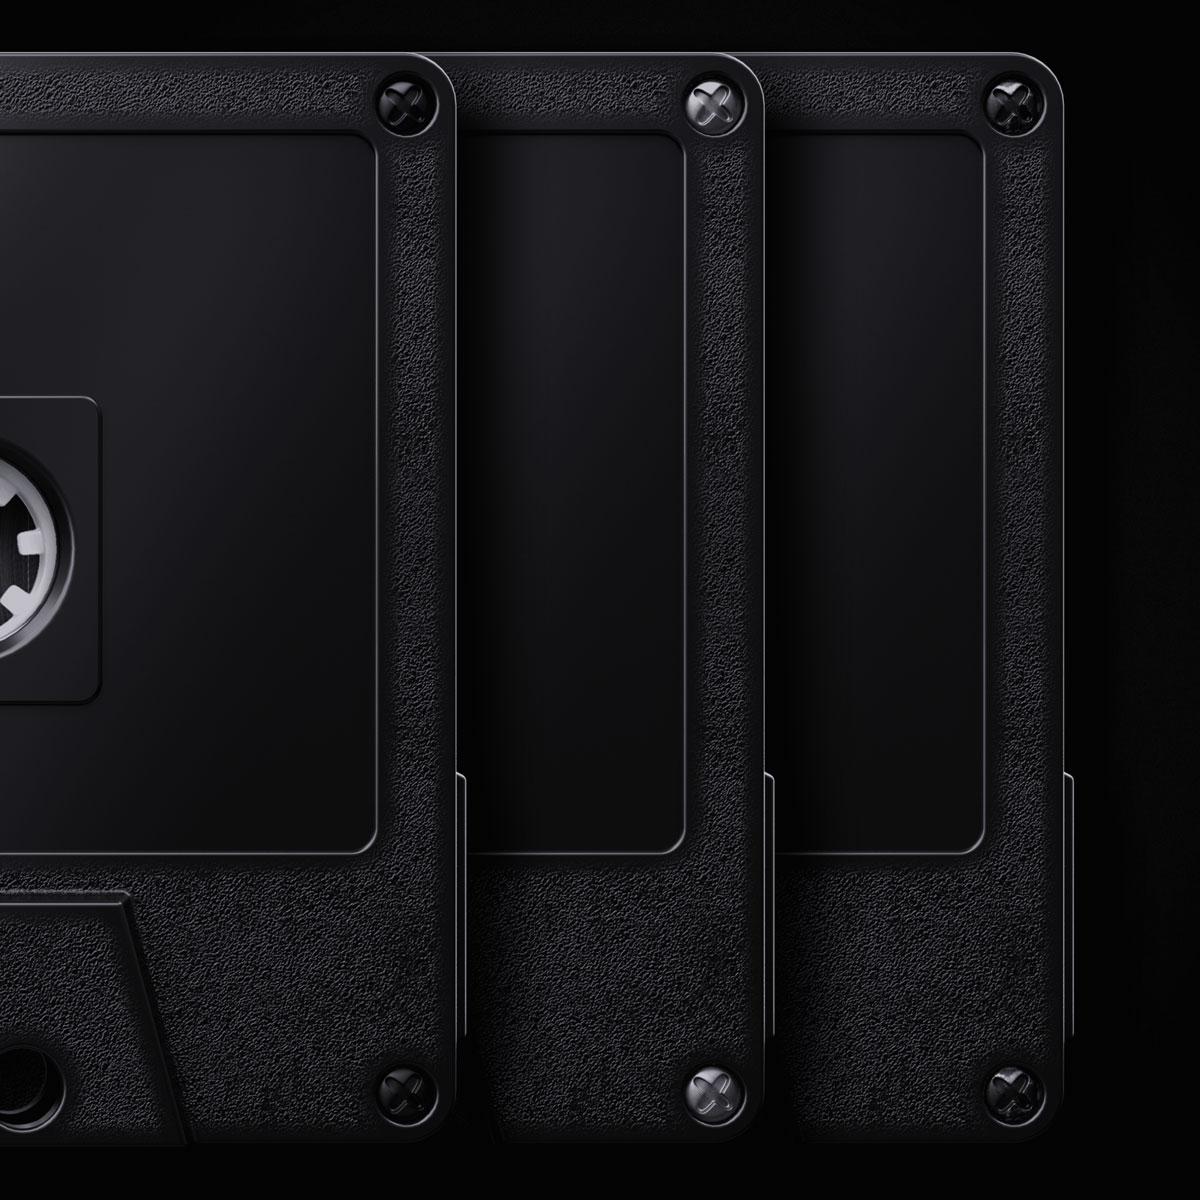 [淘宝购买] 潮流复古盒式磁带录音带设计智能贴图展示样机模板 Undead's Mix '80插图(7)